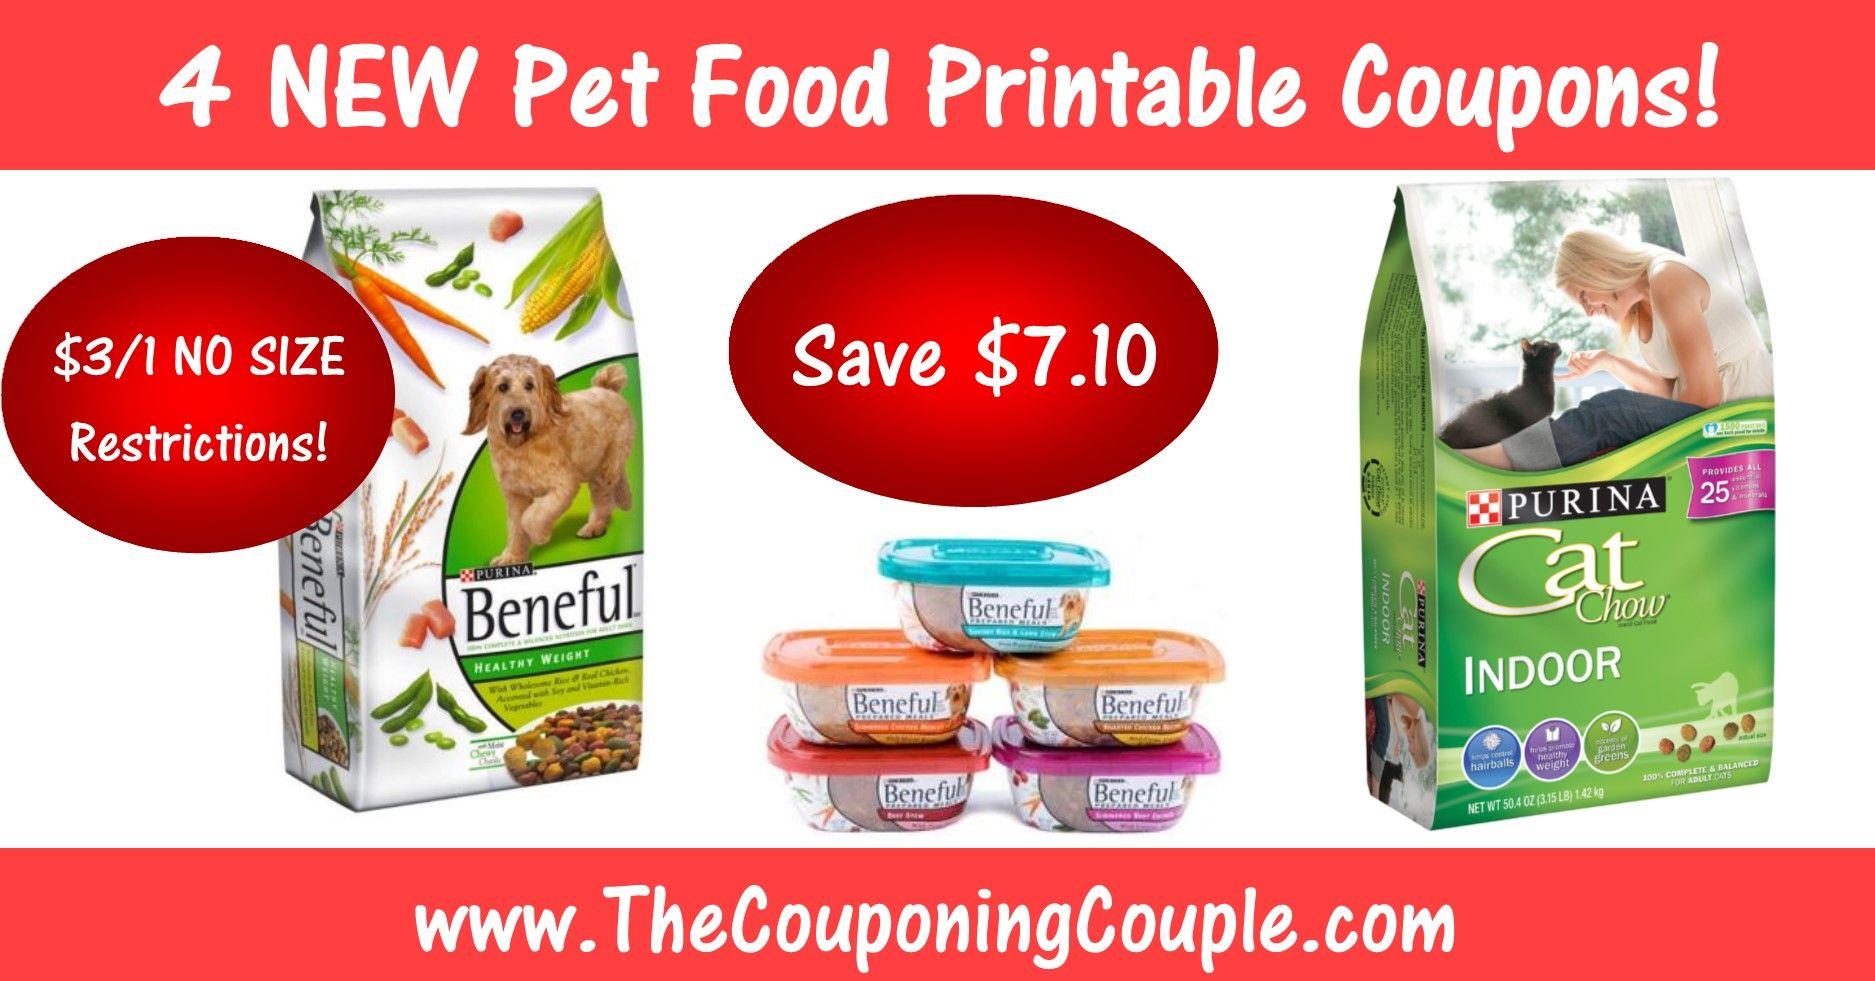 Hot Purina Pet Food Coupons 3 1 Beneful No Size Restrictions Food Coupon Food Animals Purina Coupons